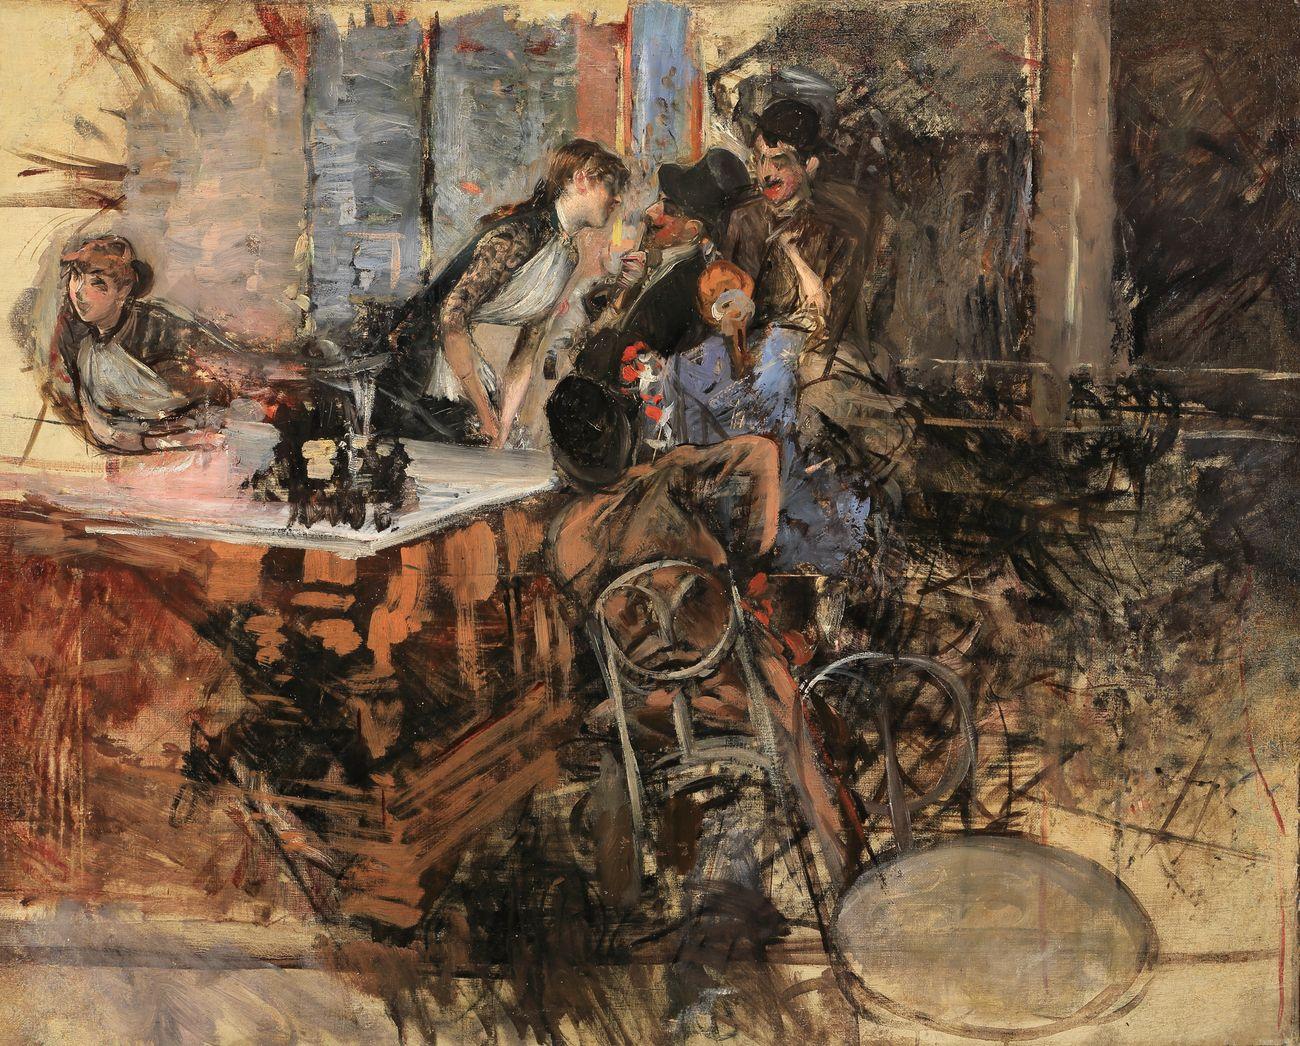 Giovanni Boldini, Il bar delle Folies Bergère, 1885 ca. Collezione privata. Courtesy Enrico Gallerie d'arte